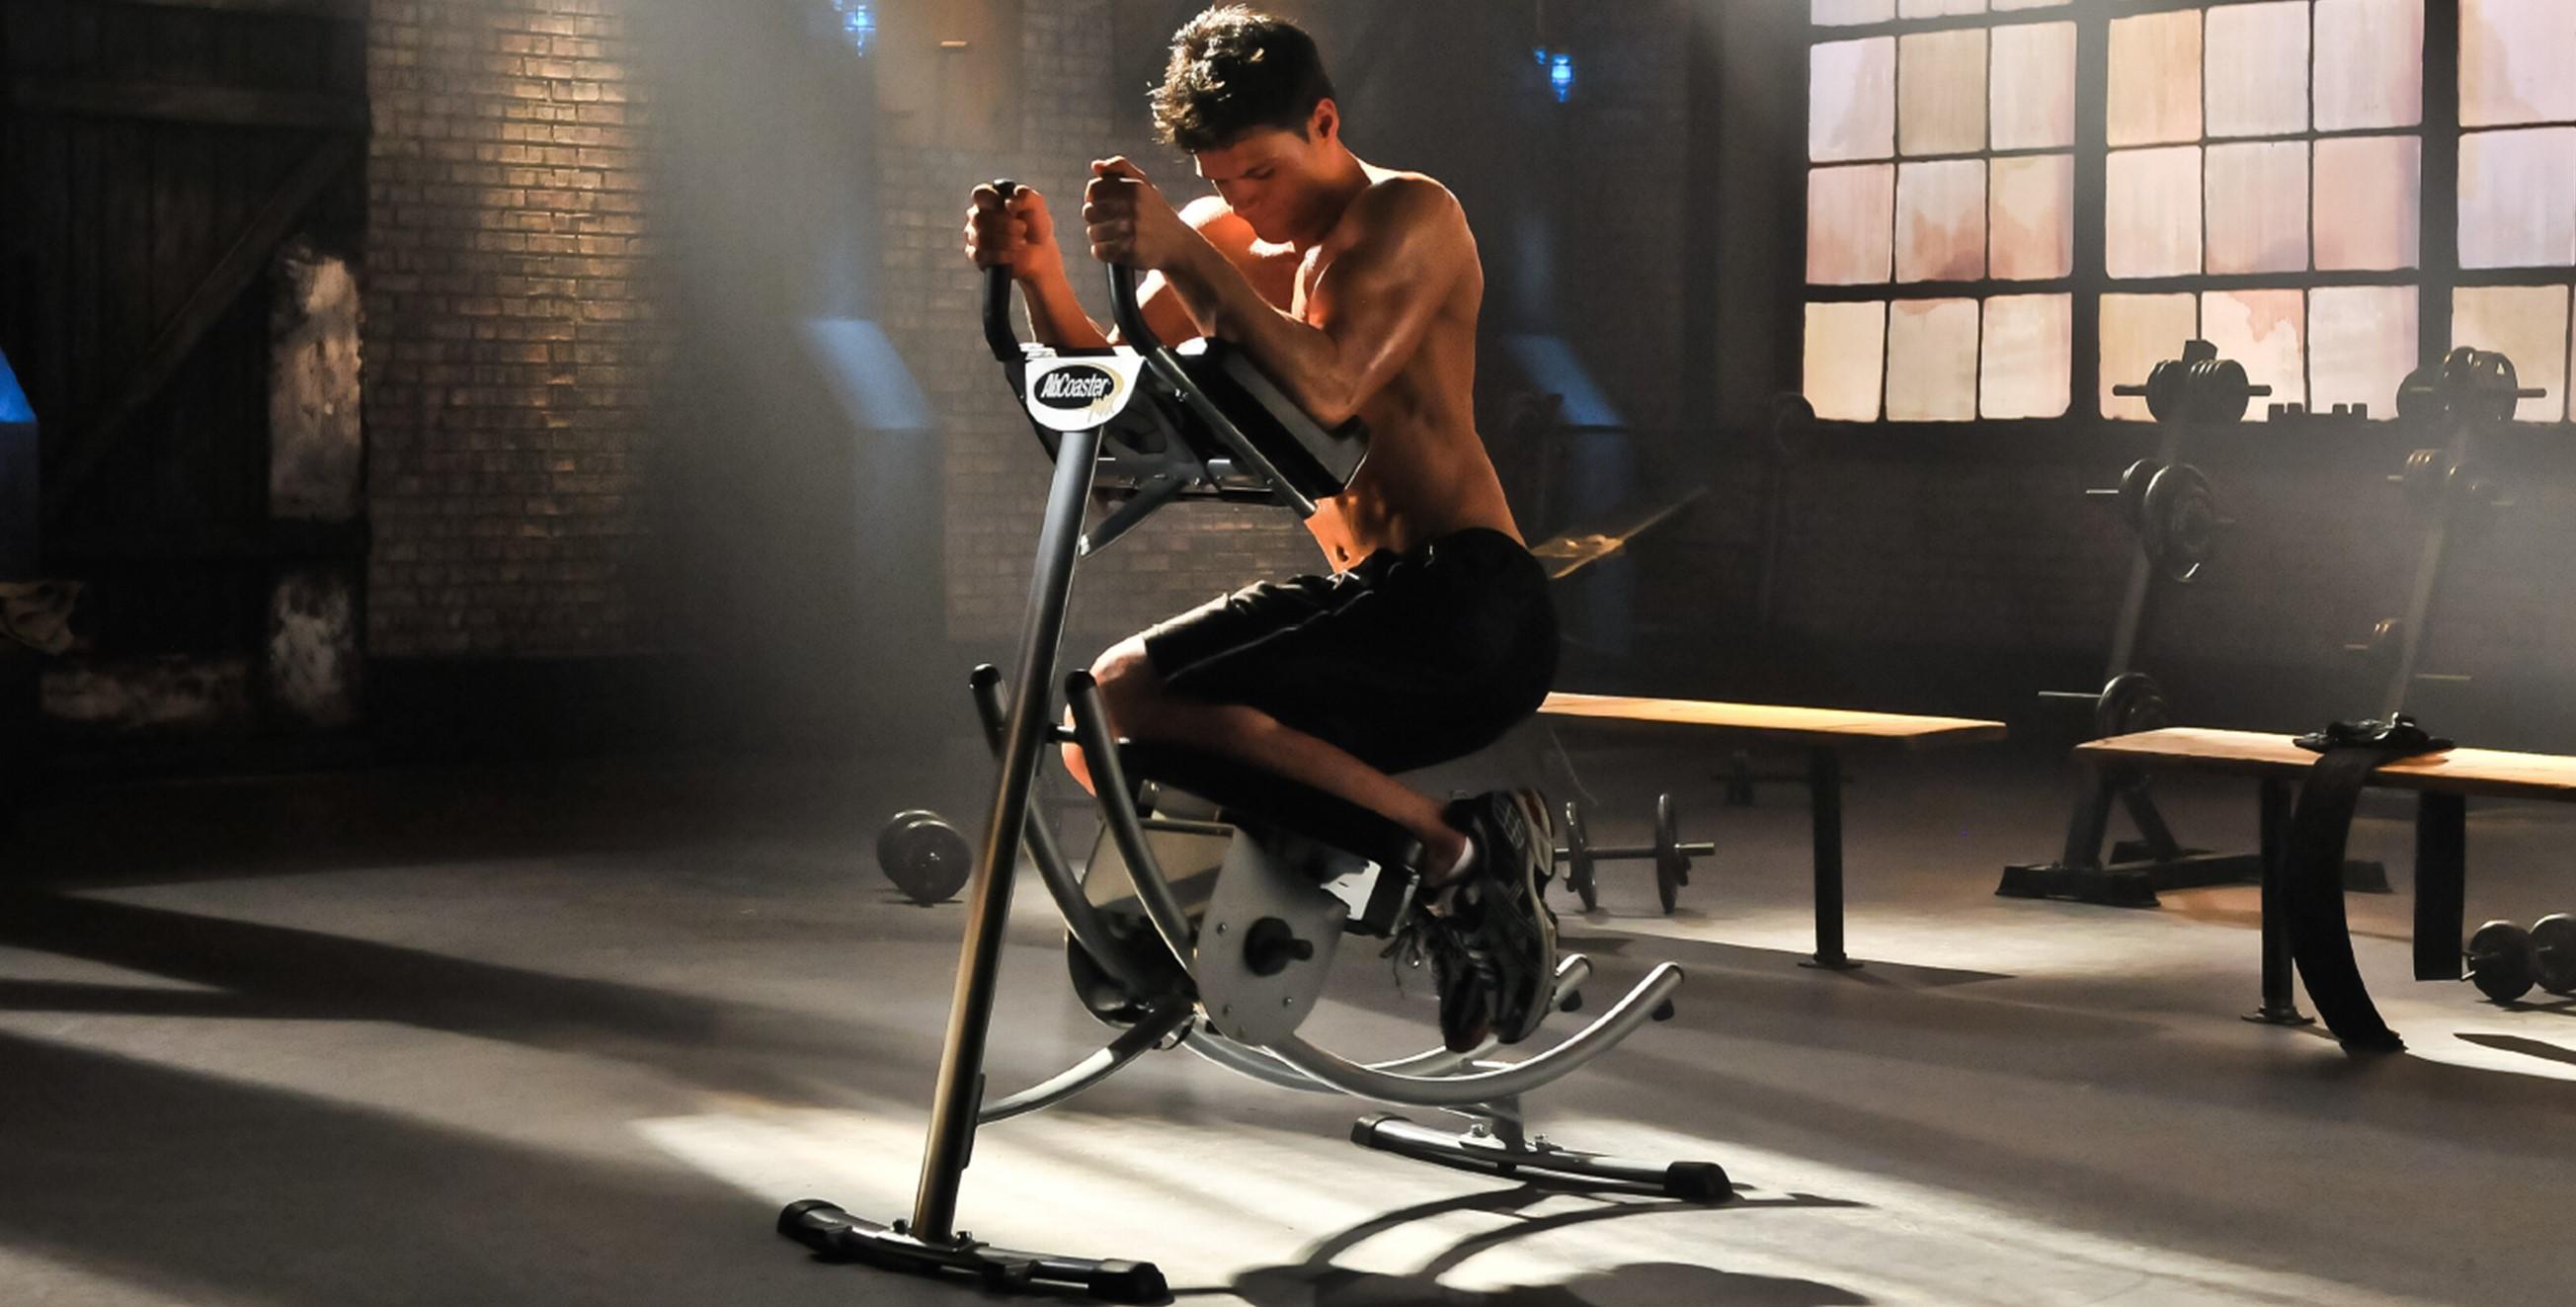 腹筋トレーニングマシン アブコースター(abcoaster)